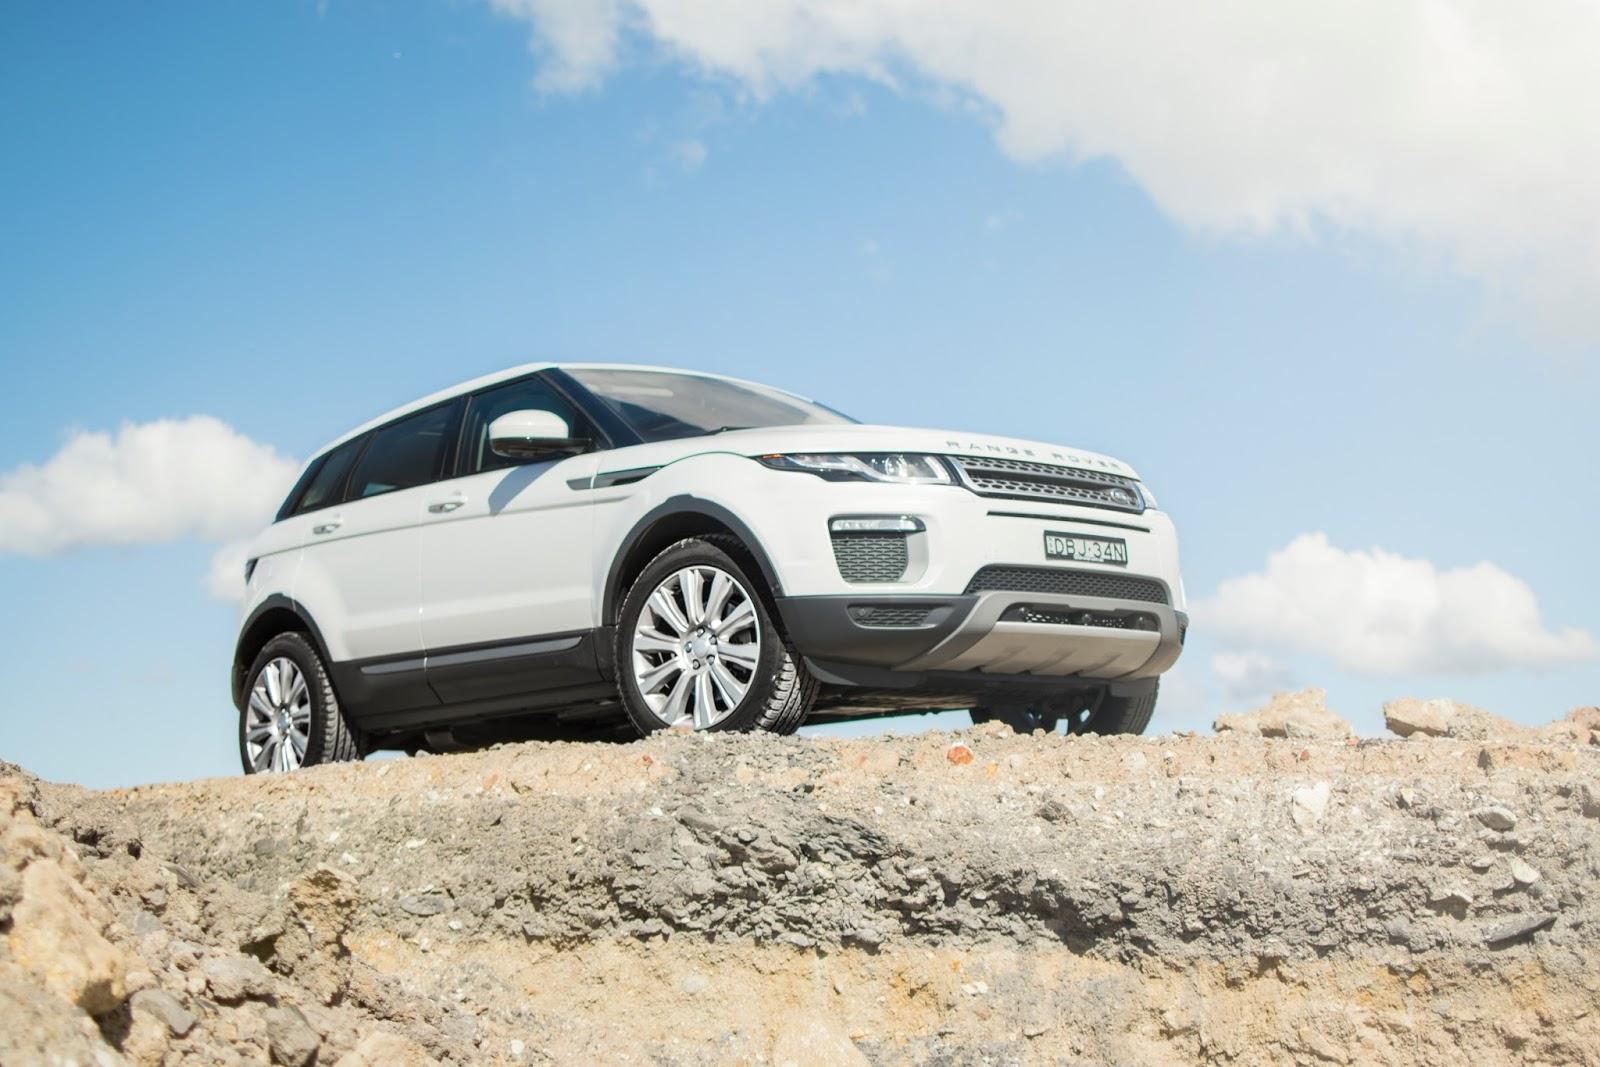 Range Rover Evoque là mẫu xe tạo nhiều cảm hứng và khác biệt